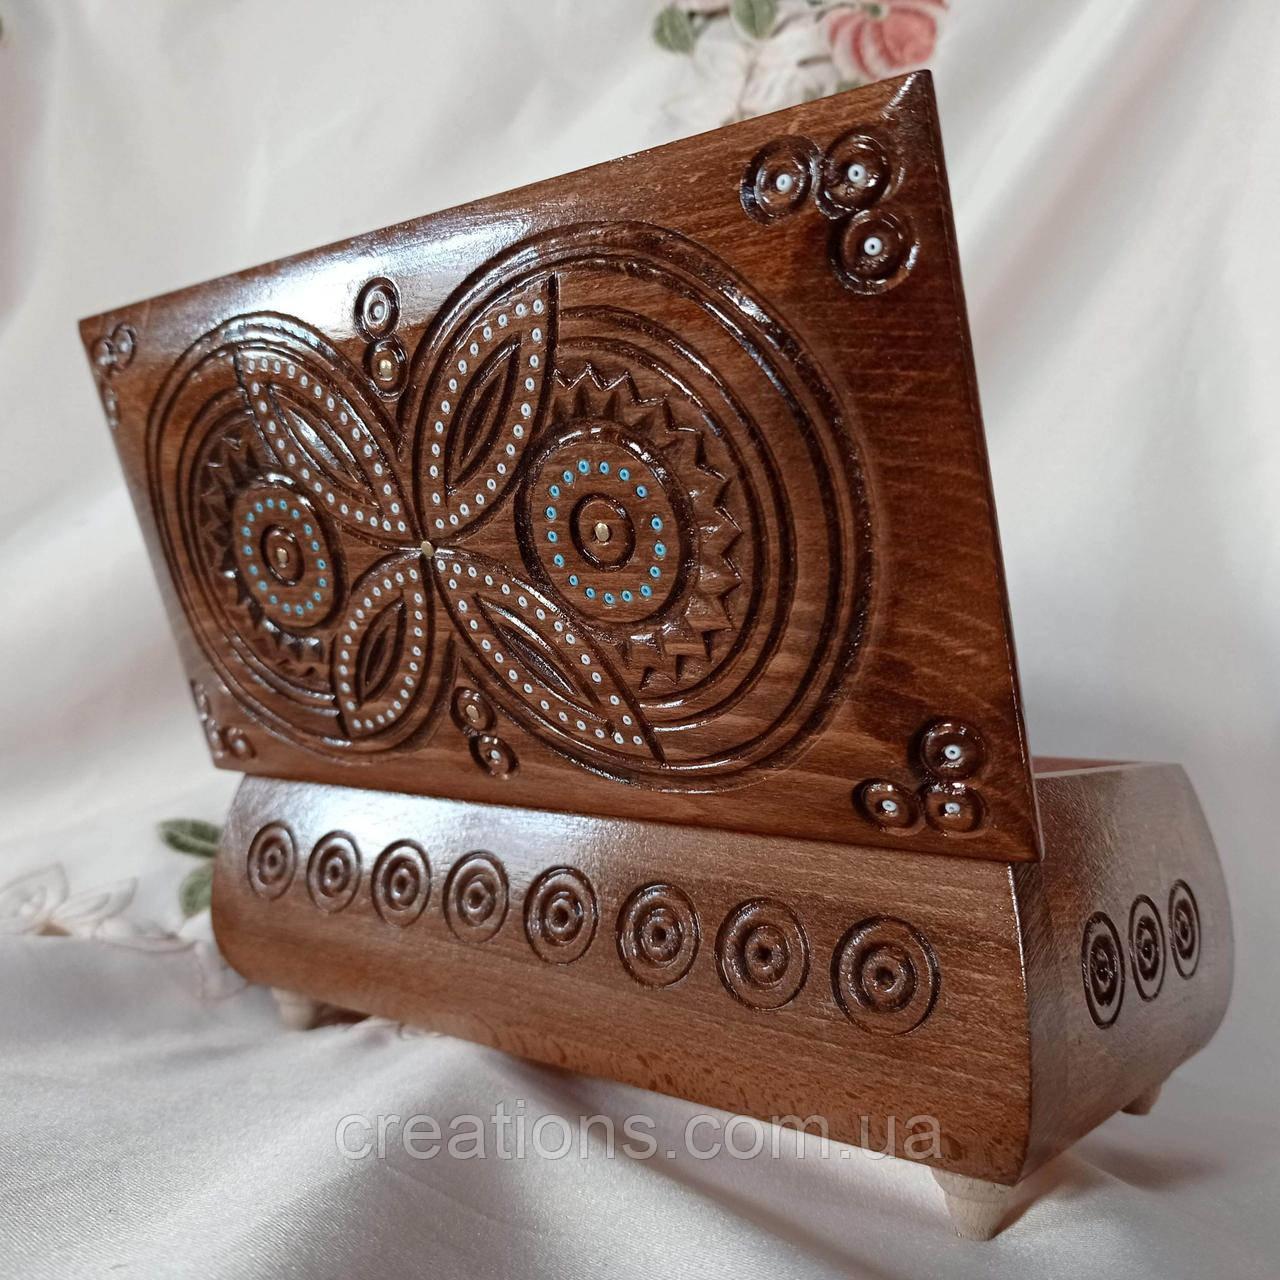 Шкатулка деревянная резная 21х11х8.5 см. для украшений, ручная работа